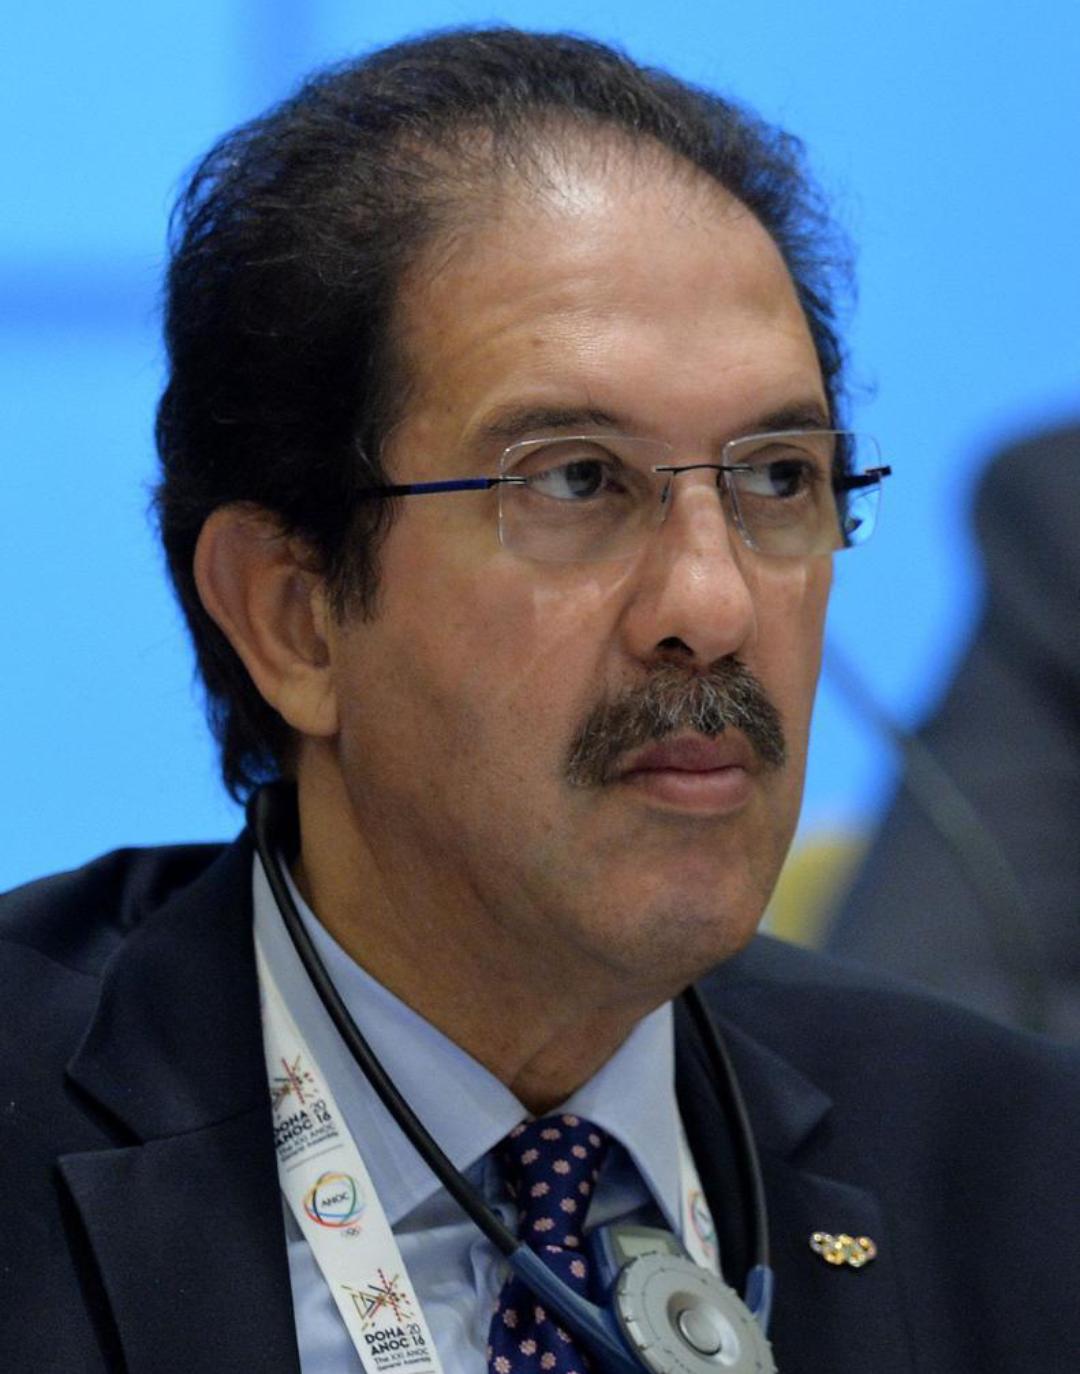 Présidence ACNOA : Moustapha Berraf rempile pour un mandat de 4 ans.